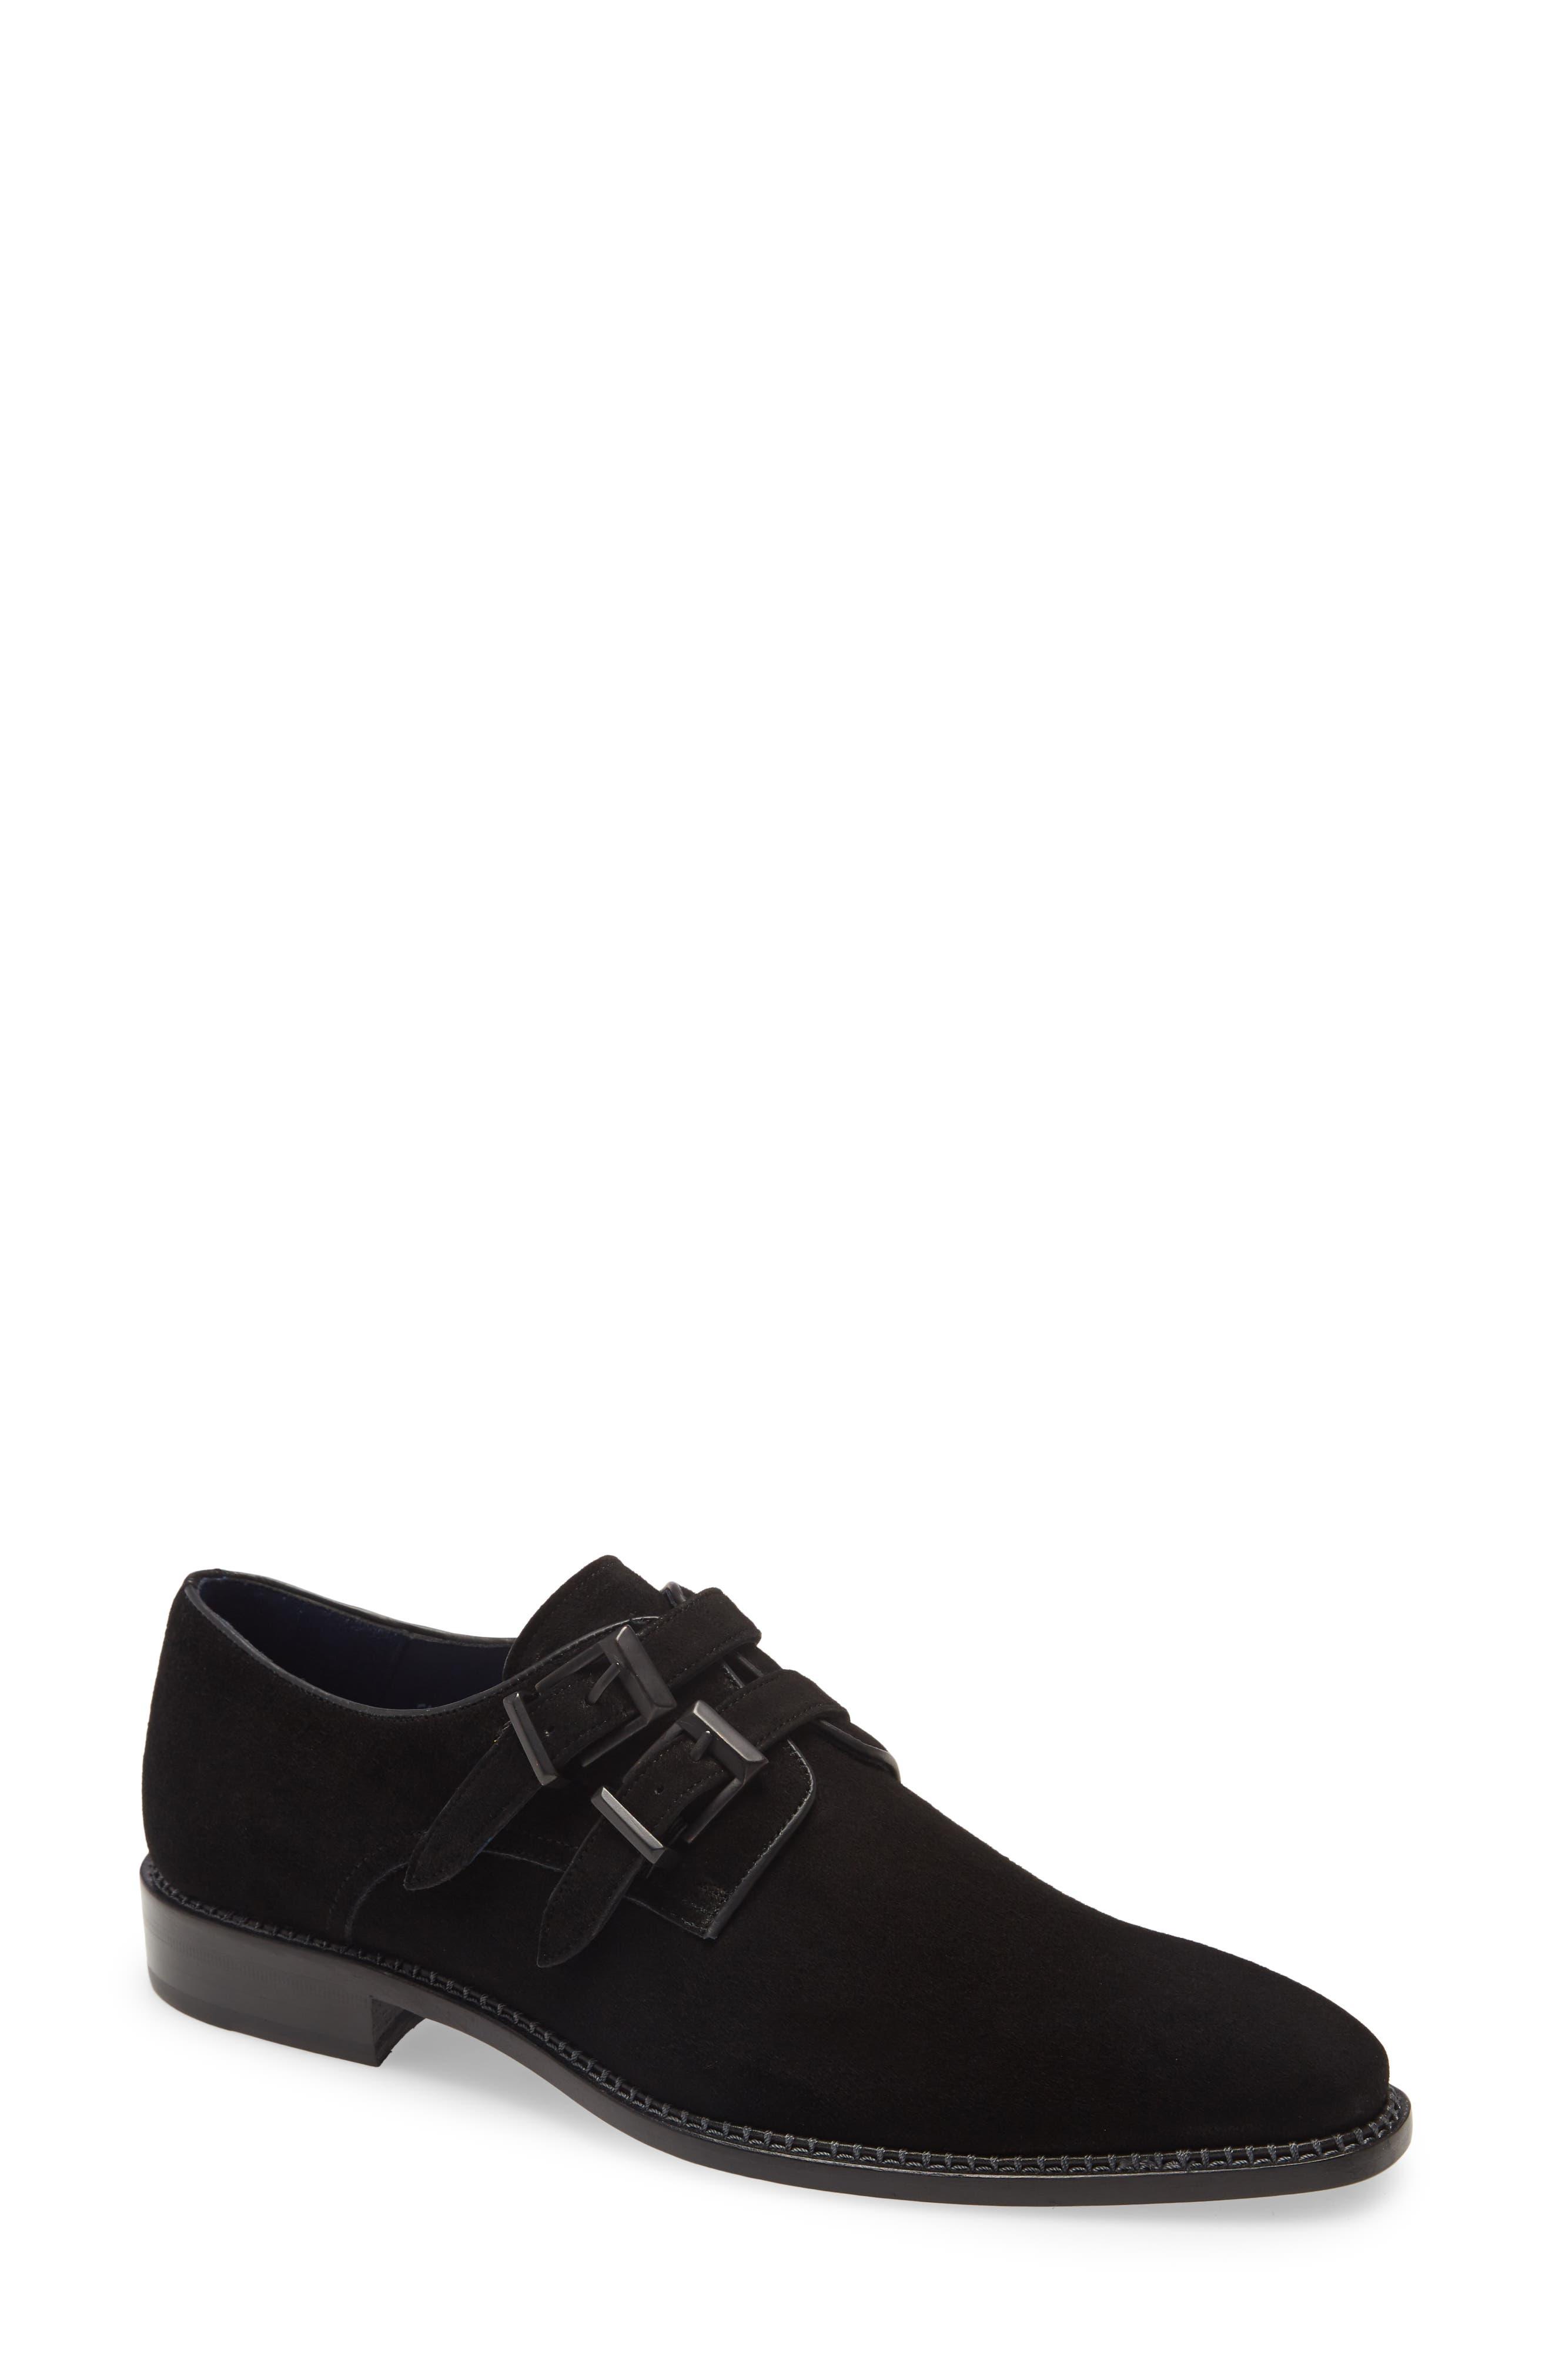 Meier Double Monk Strap Shoe